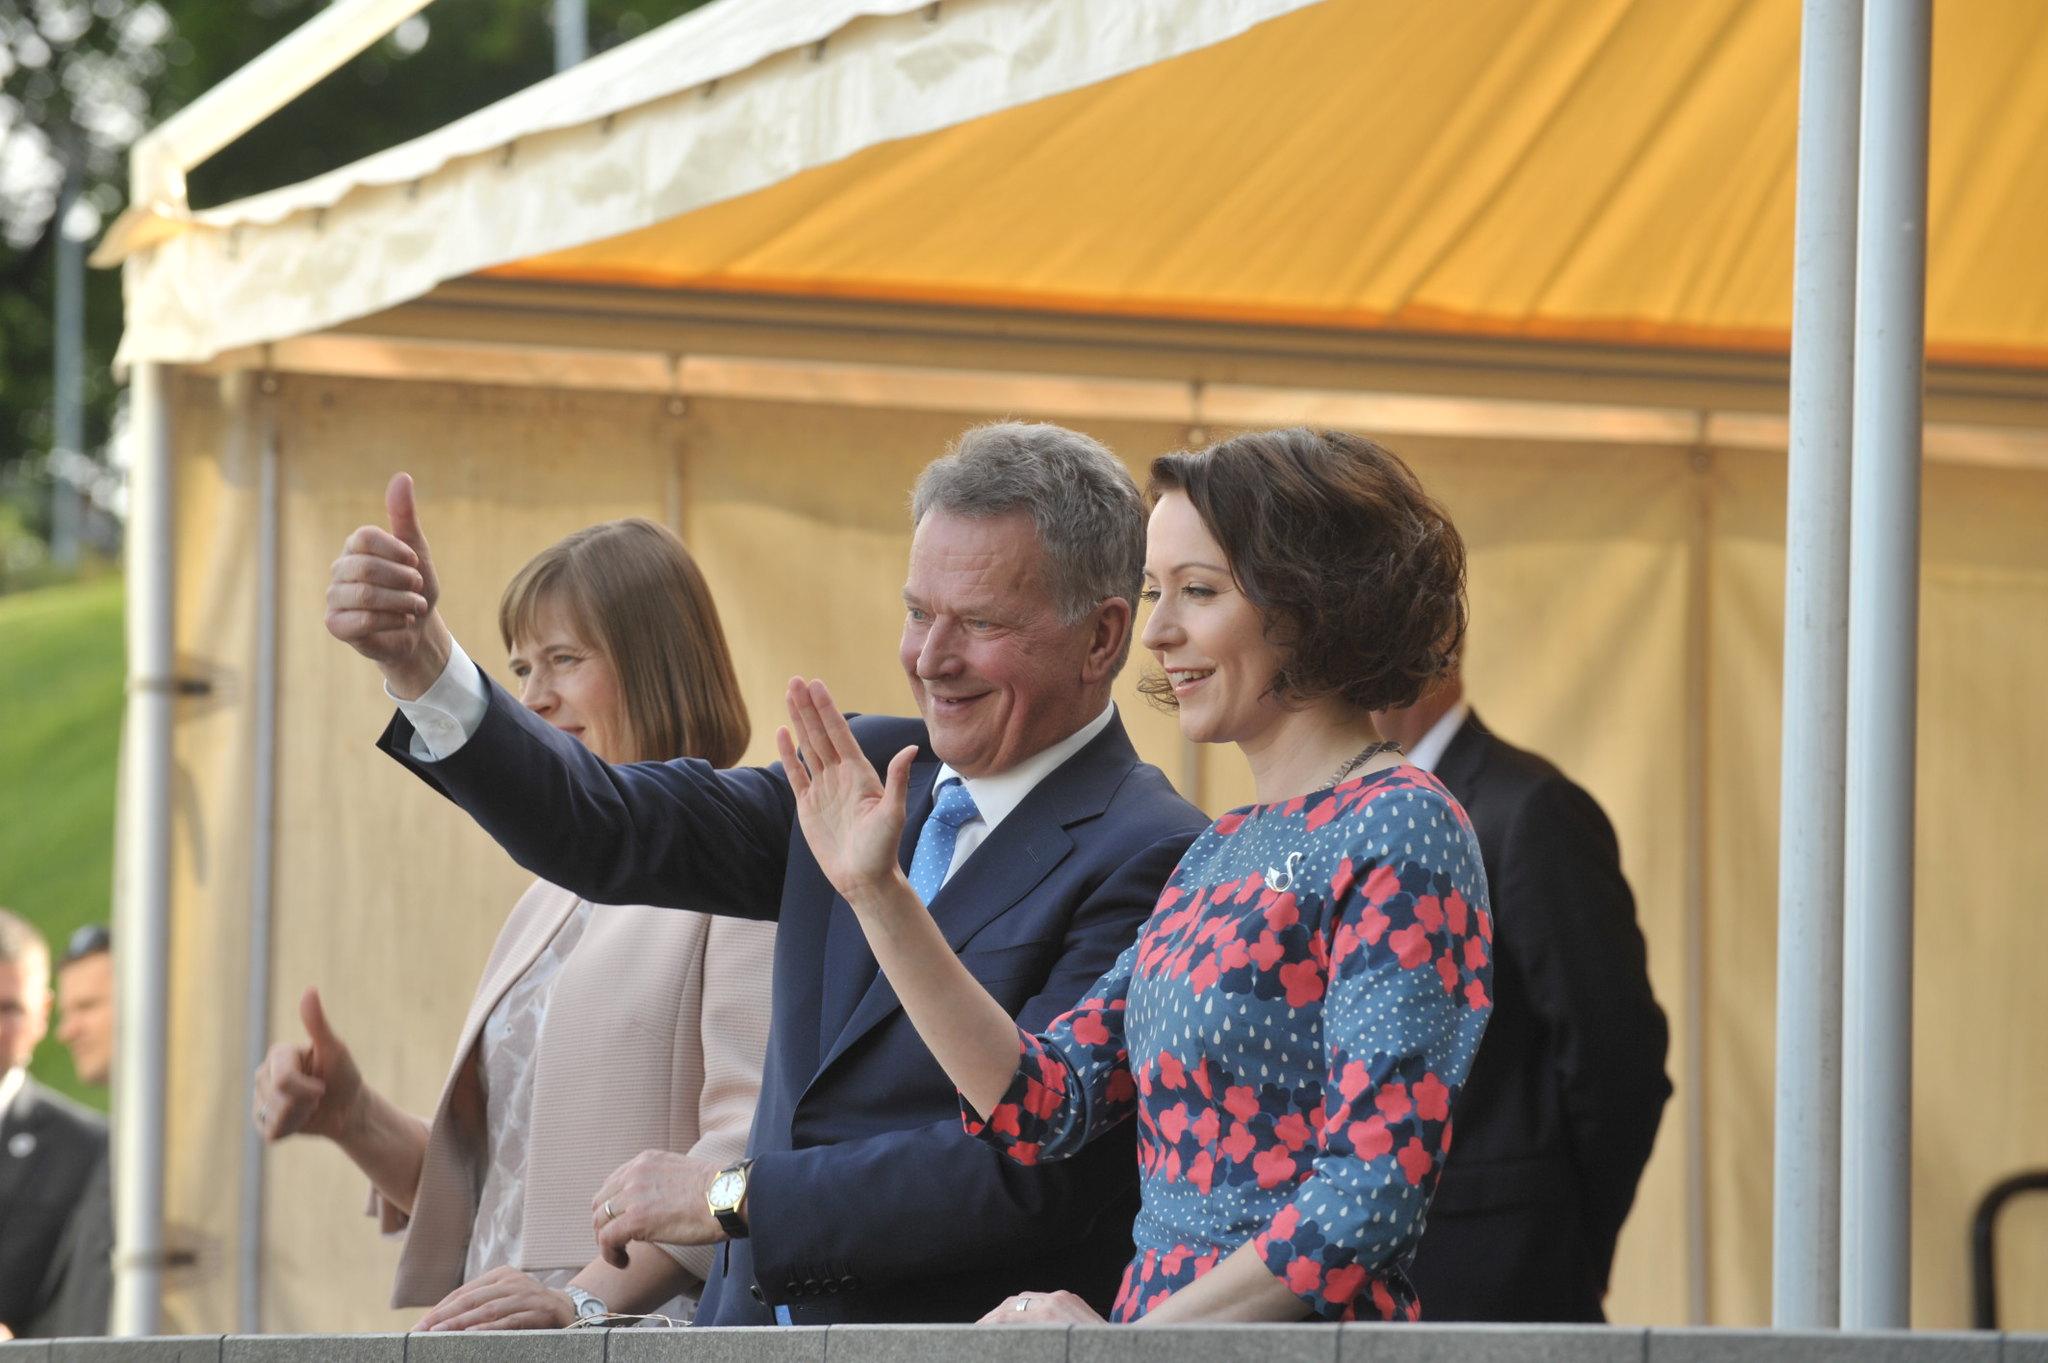 Soome 100 kontserdi avavad kahe maa presidendid